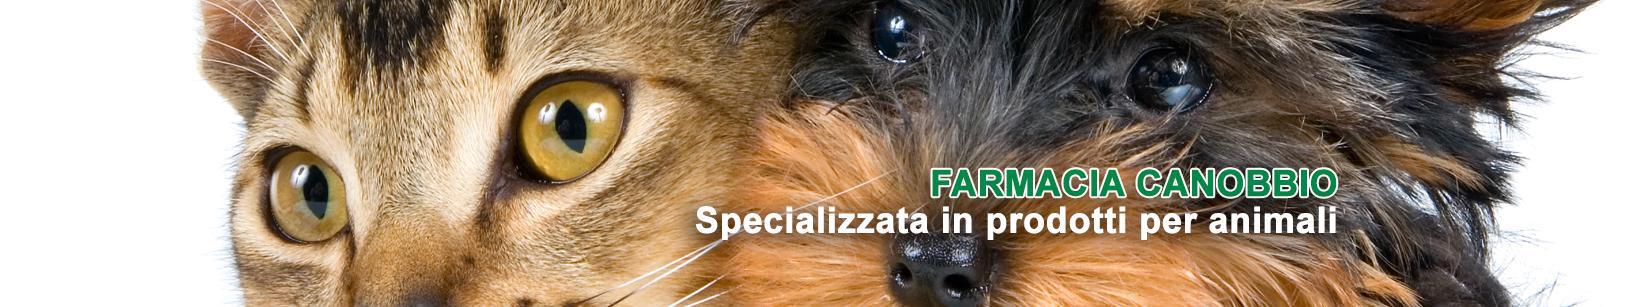 La Farmacia Canobbio è specializzata in prodotti per animali